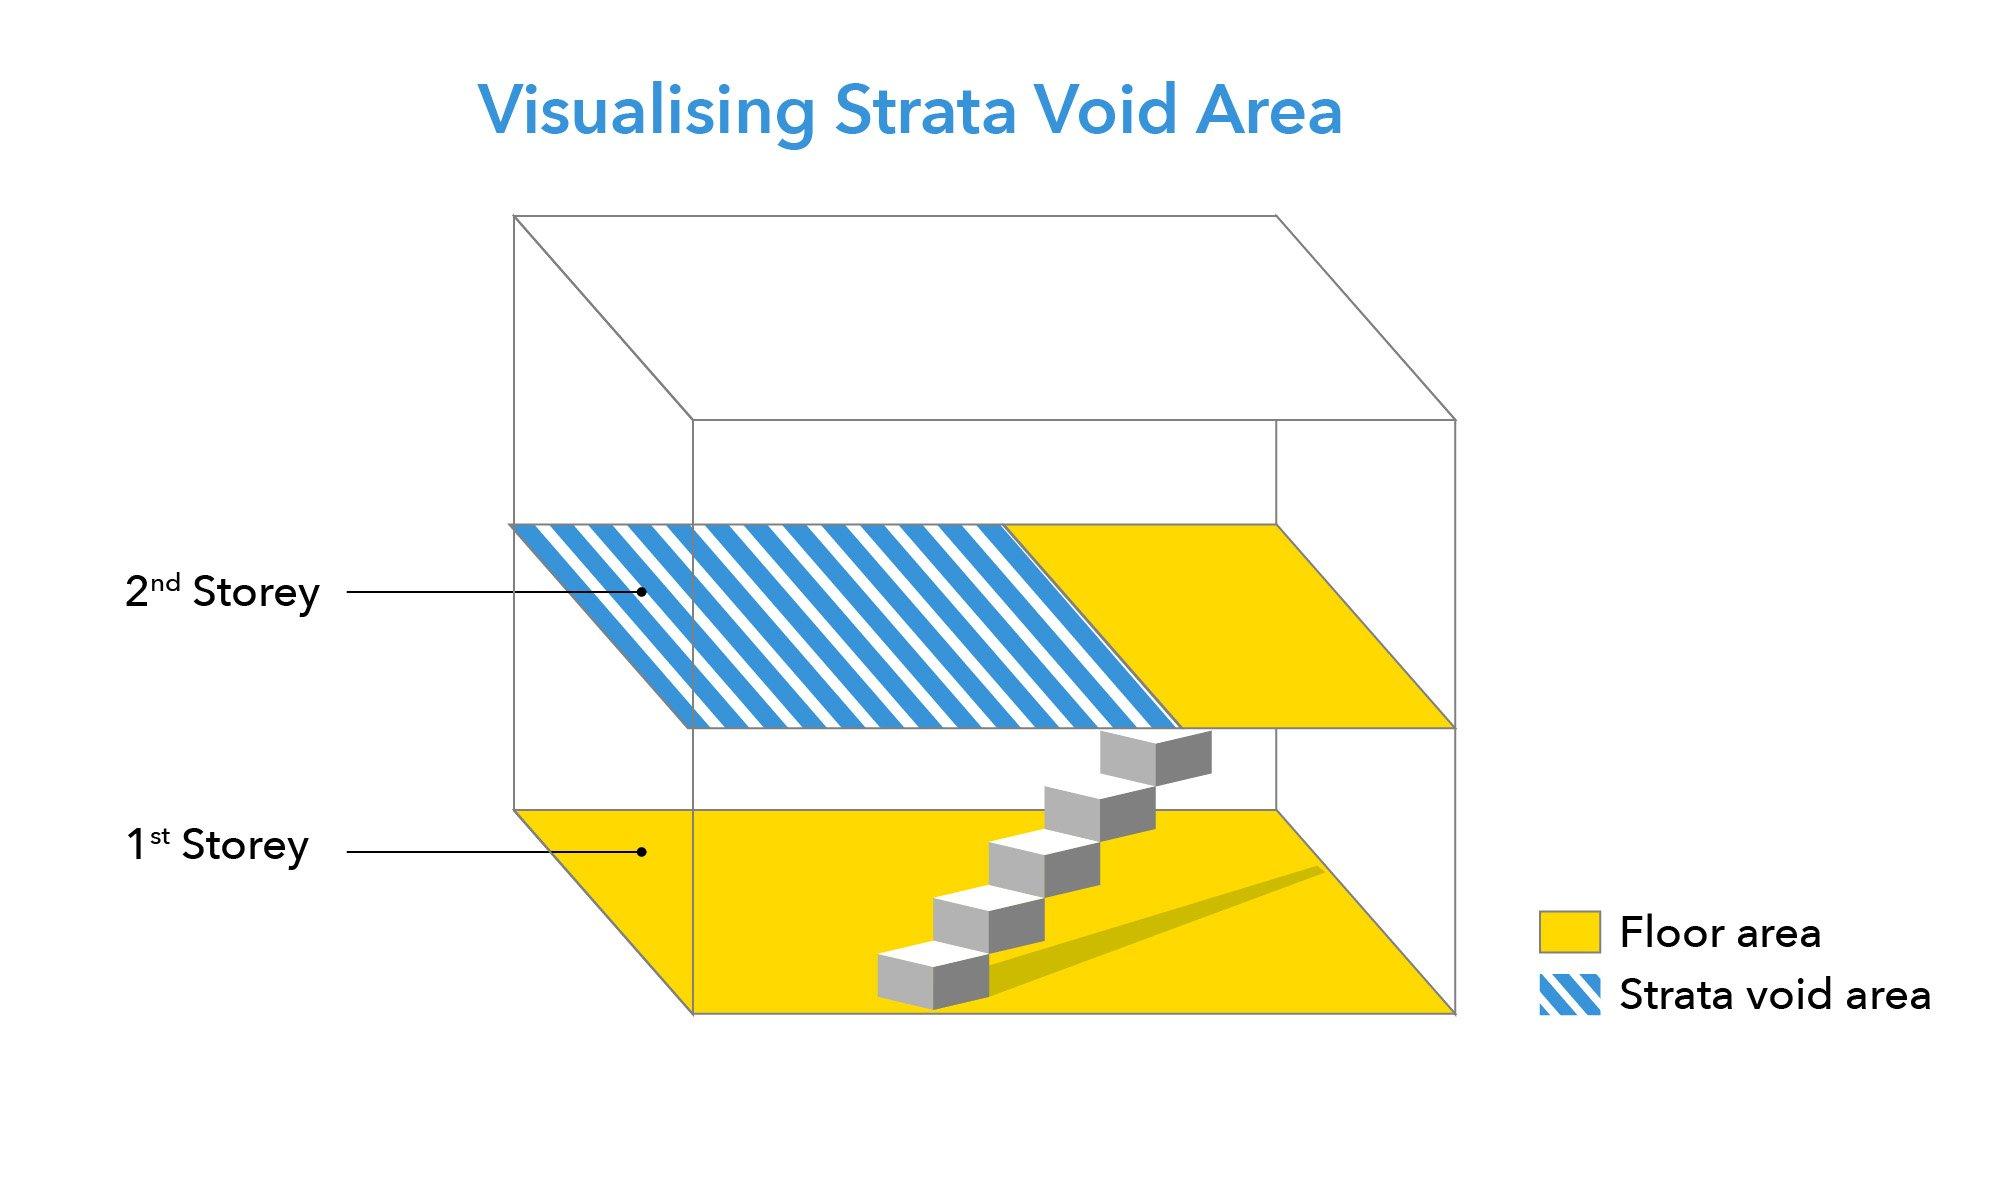 Strata-void-area-diagram